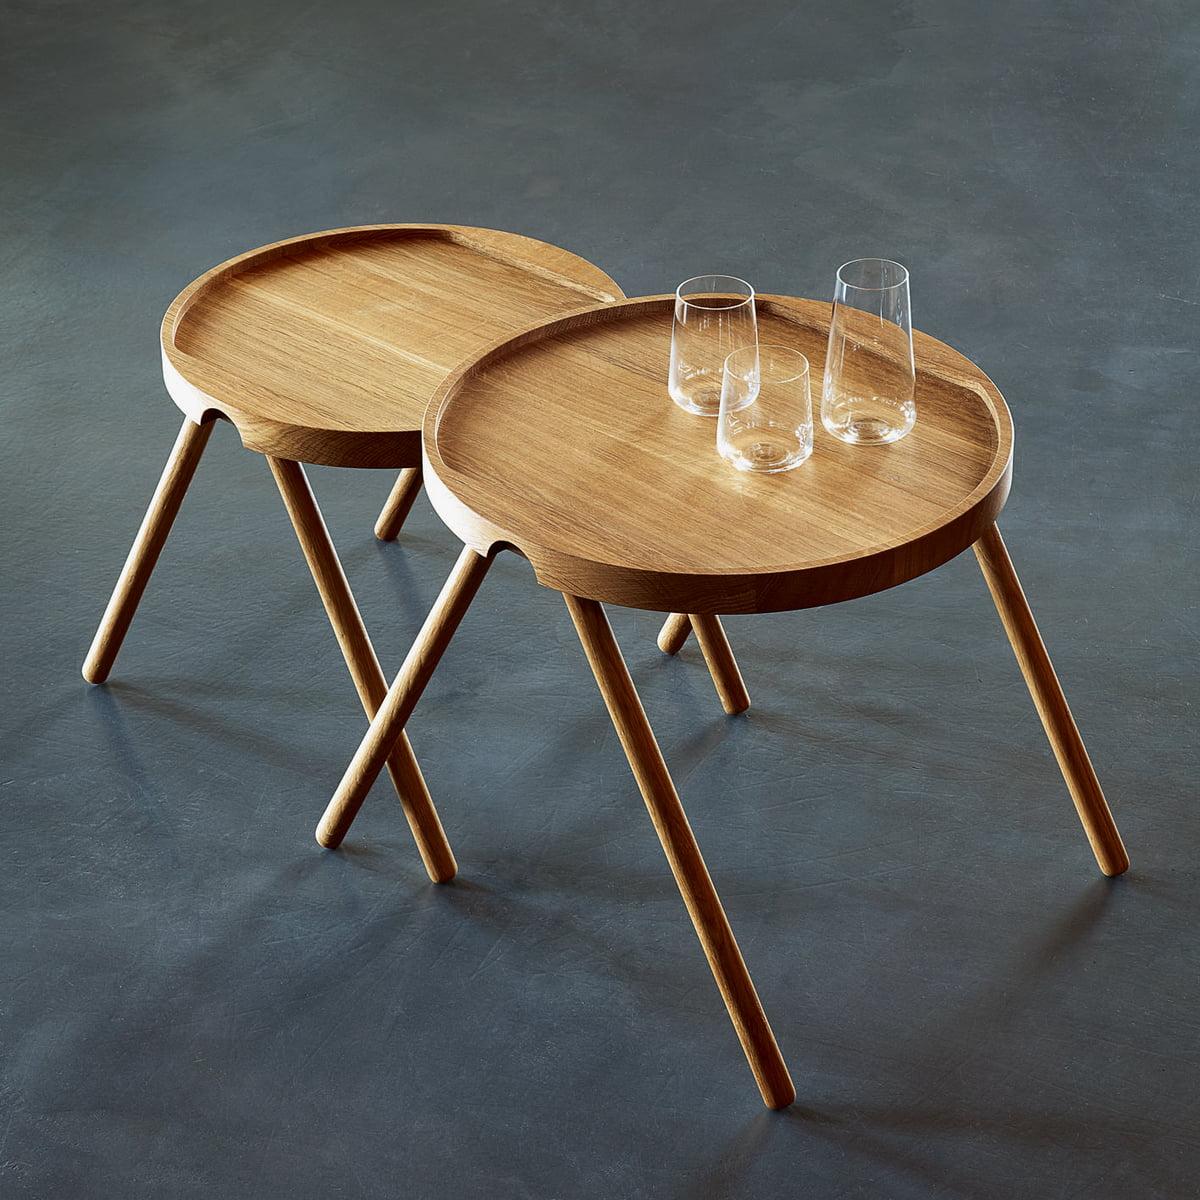 tablett tisch von auerberg im shop kaufen. Black Bedroom Furniture Sets. Home Design Ideas